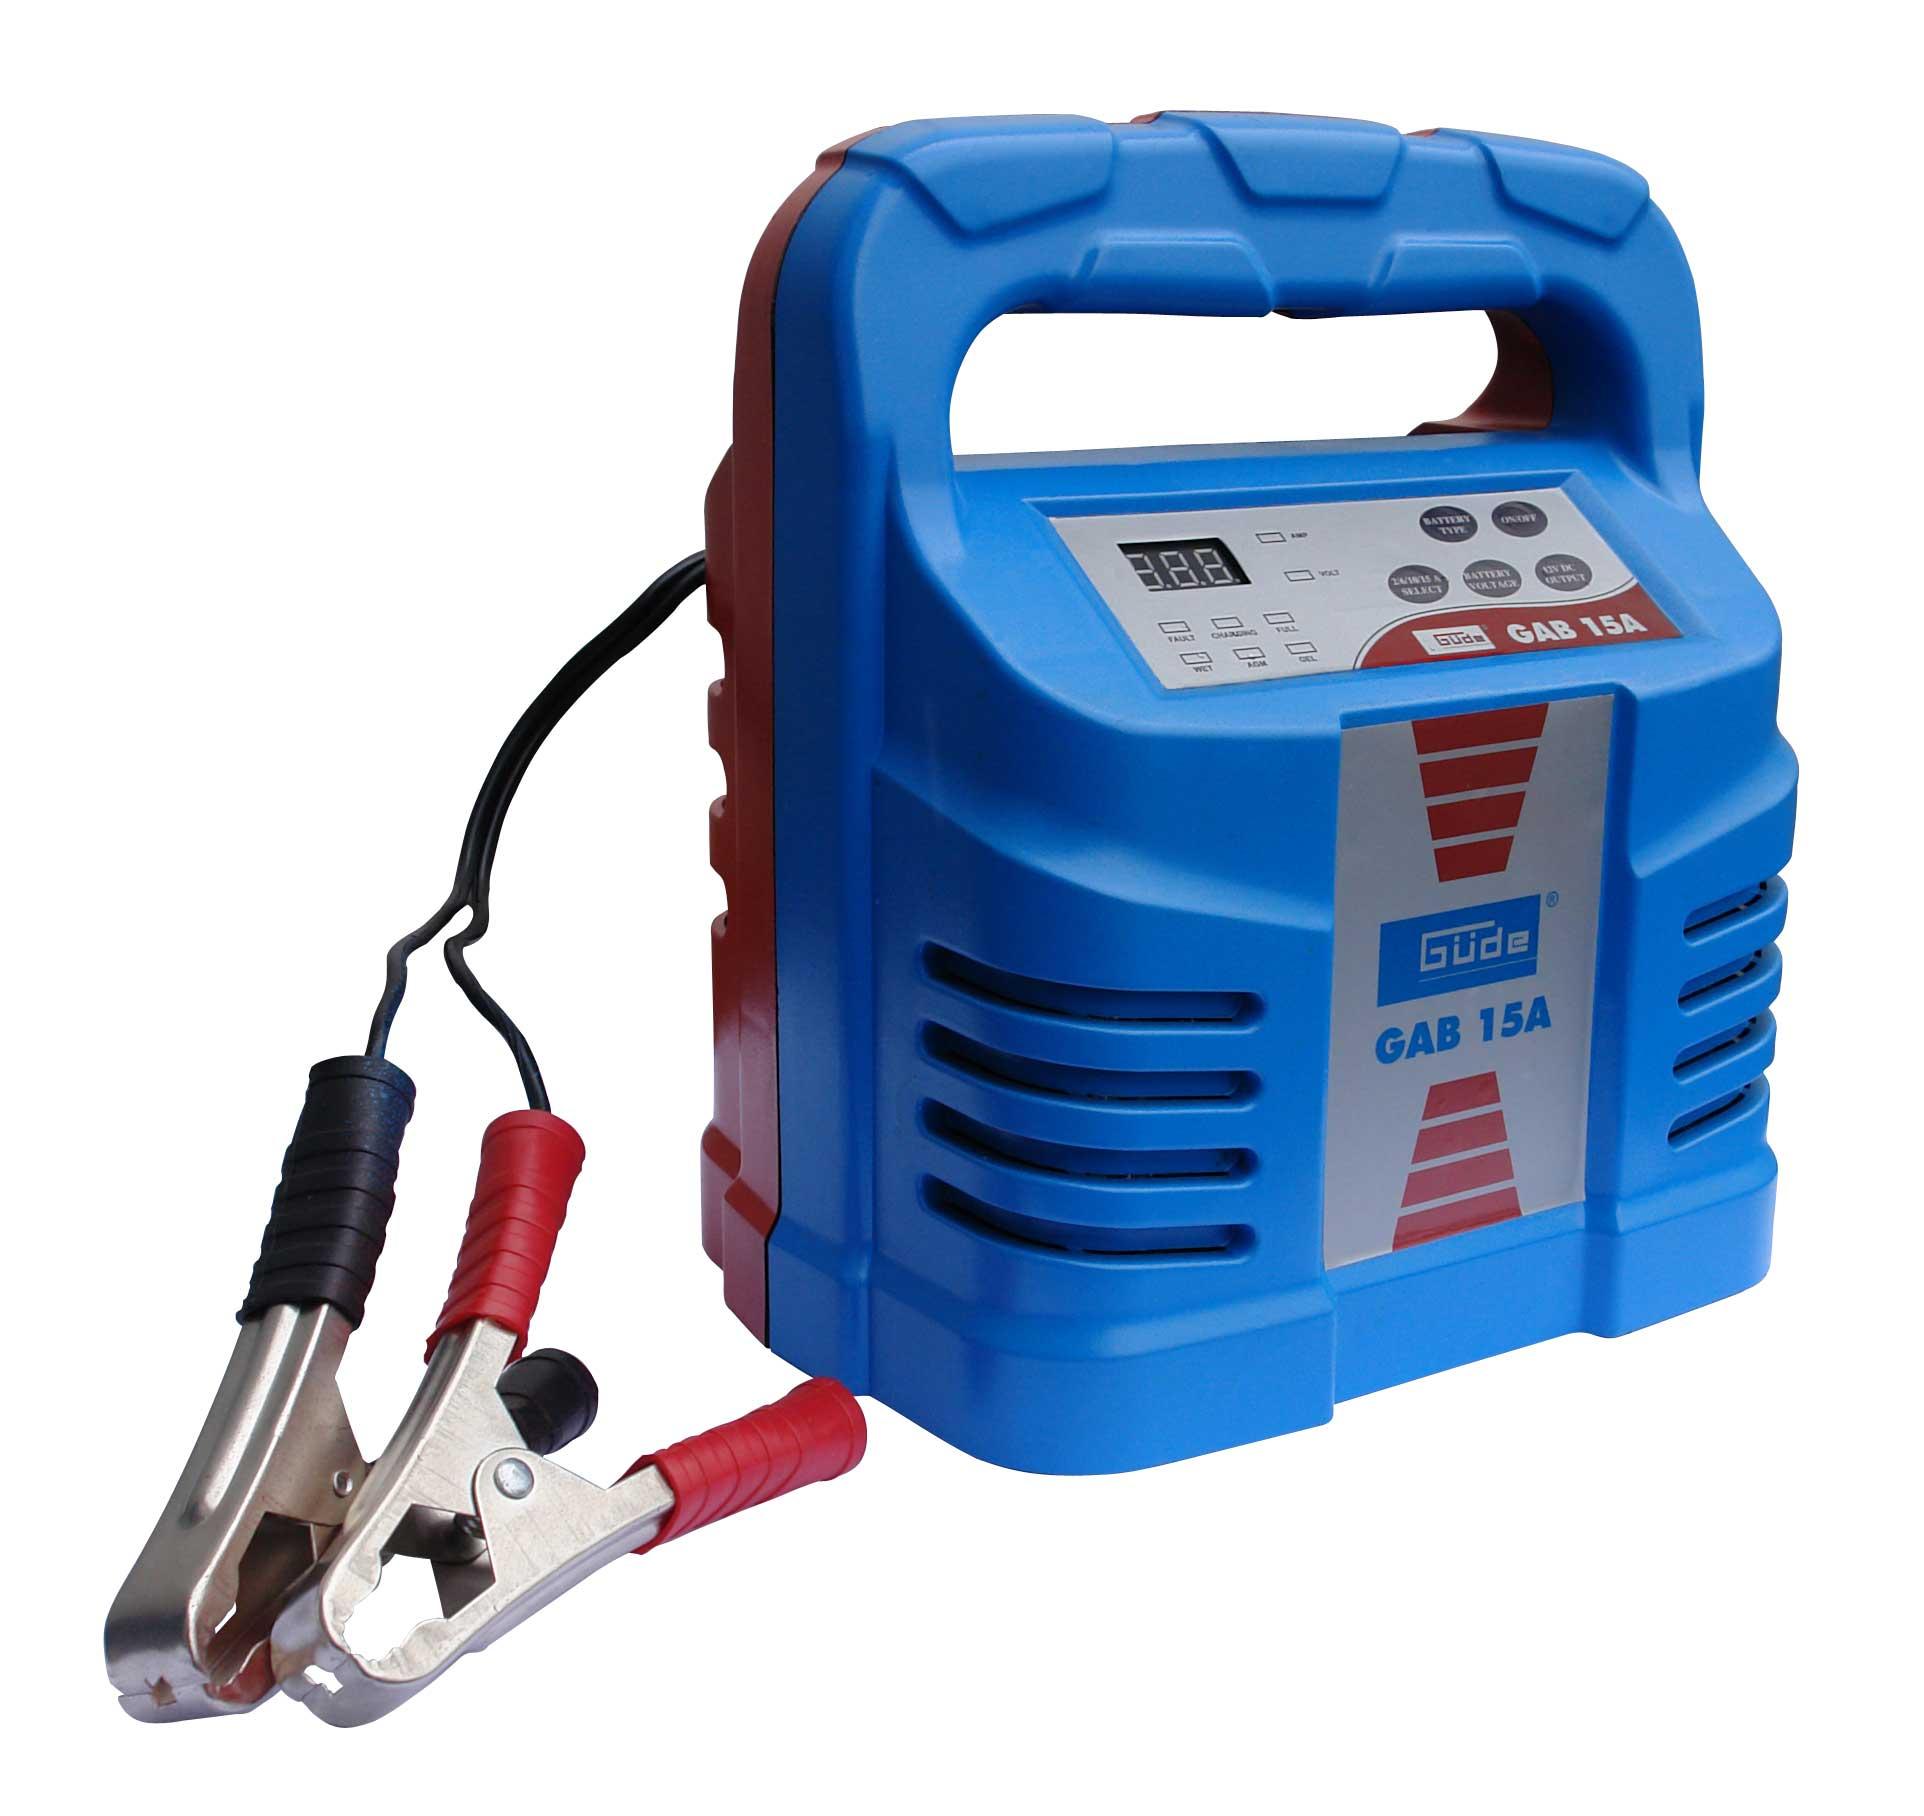 Automatik Batterielader GAB 15A Güde 280 Watt Bild 1